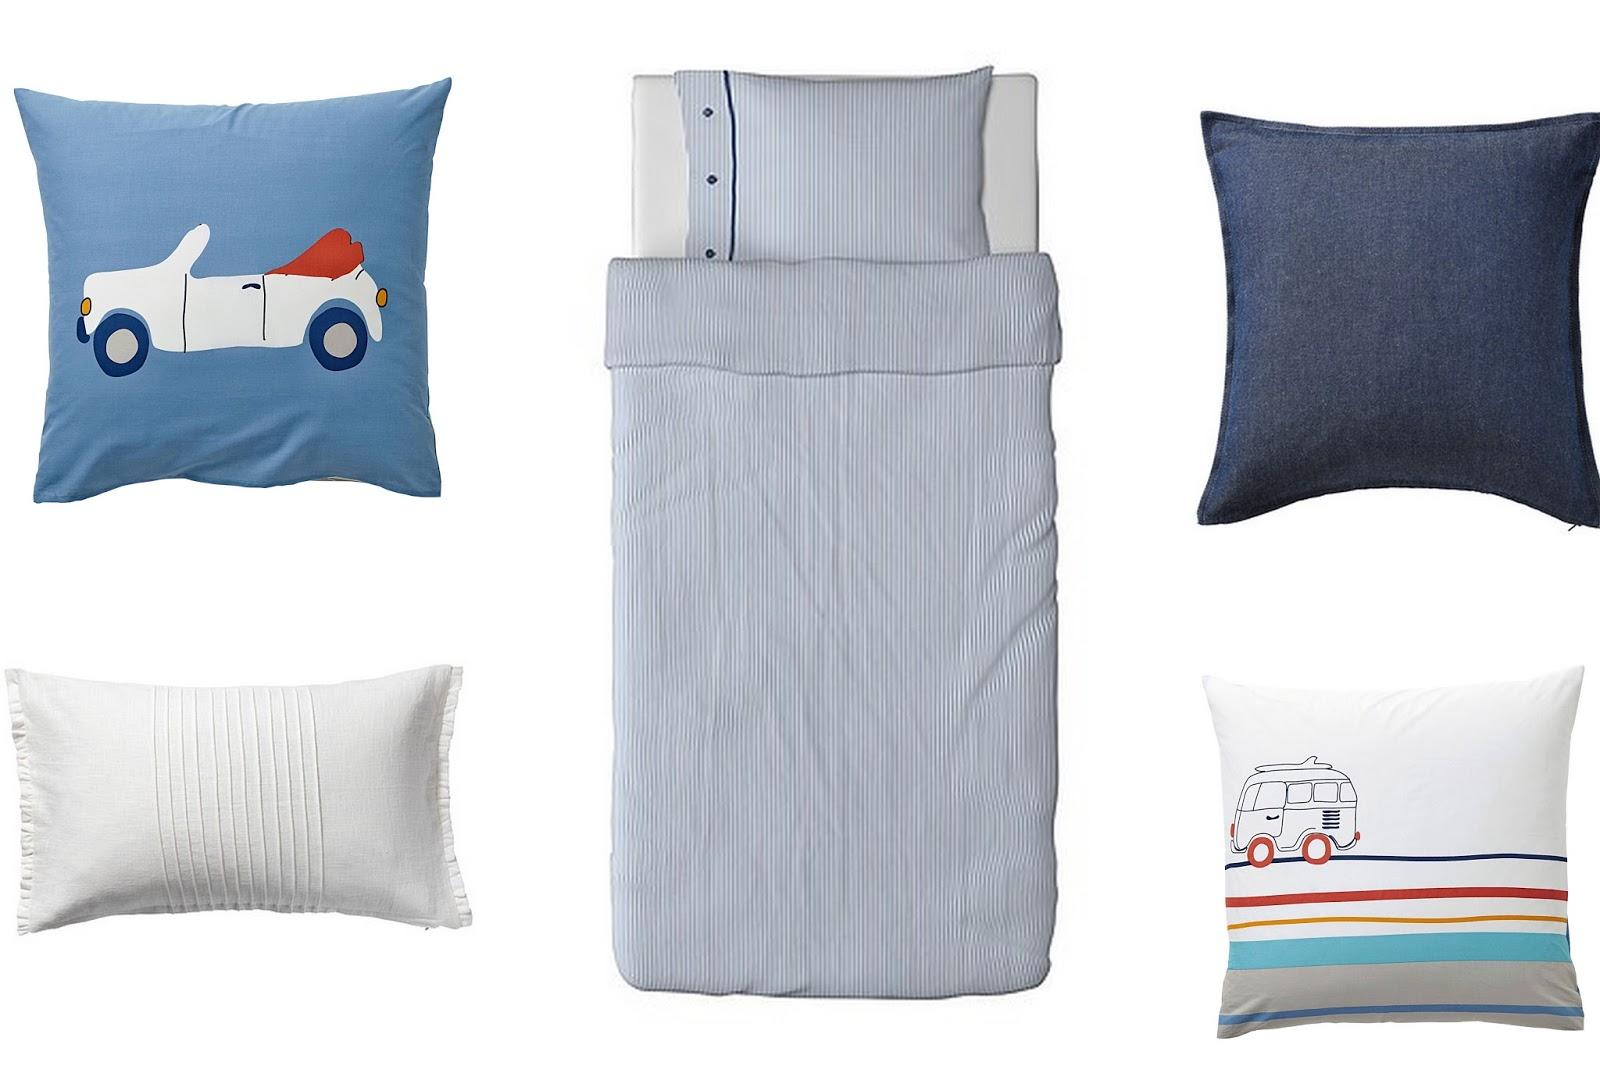 cama sofa cama ikea abrir decoraci n de interiores y dise o de interiores fotos. Black Bedroom Furniture Sets. Home Design Ideas